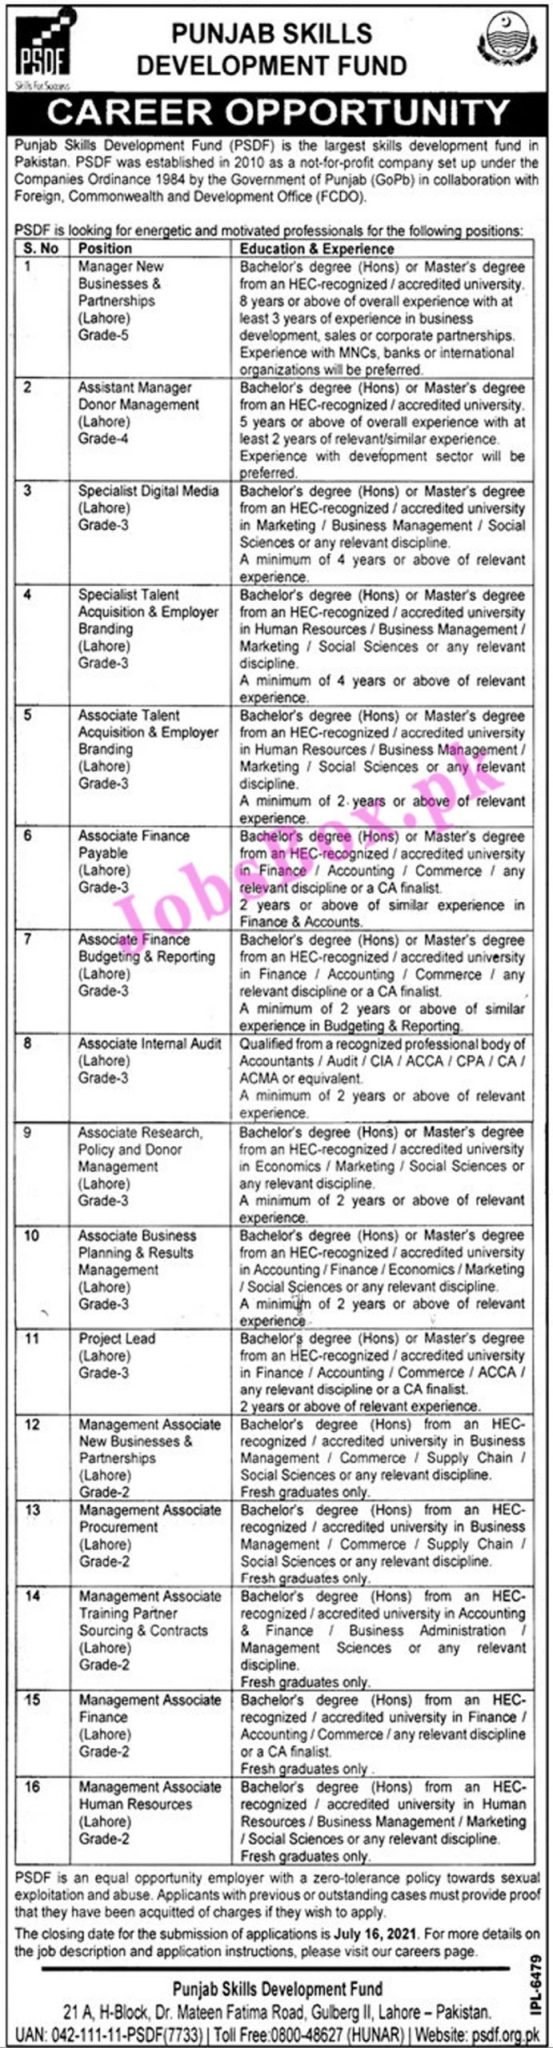 Punjab Skills Development Fund PSDF Jobs 2021